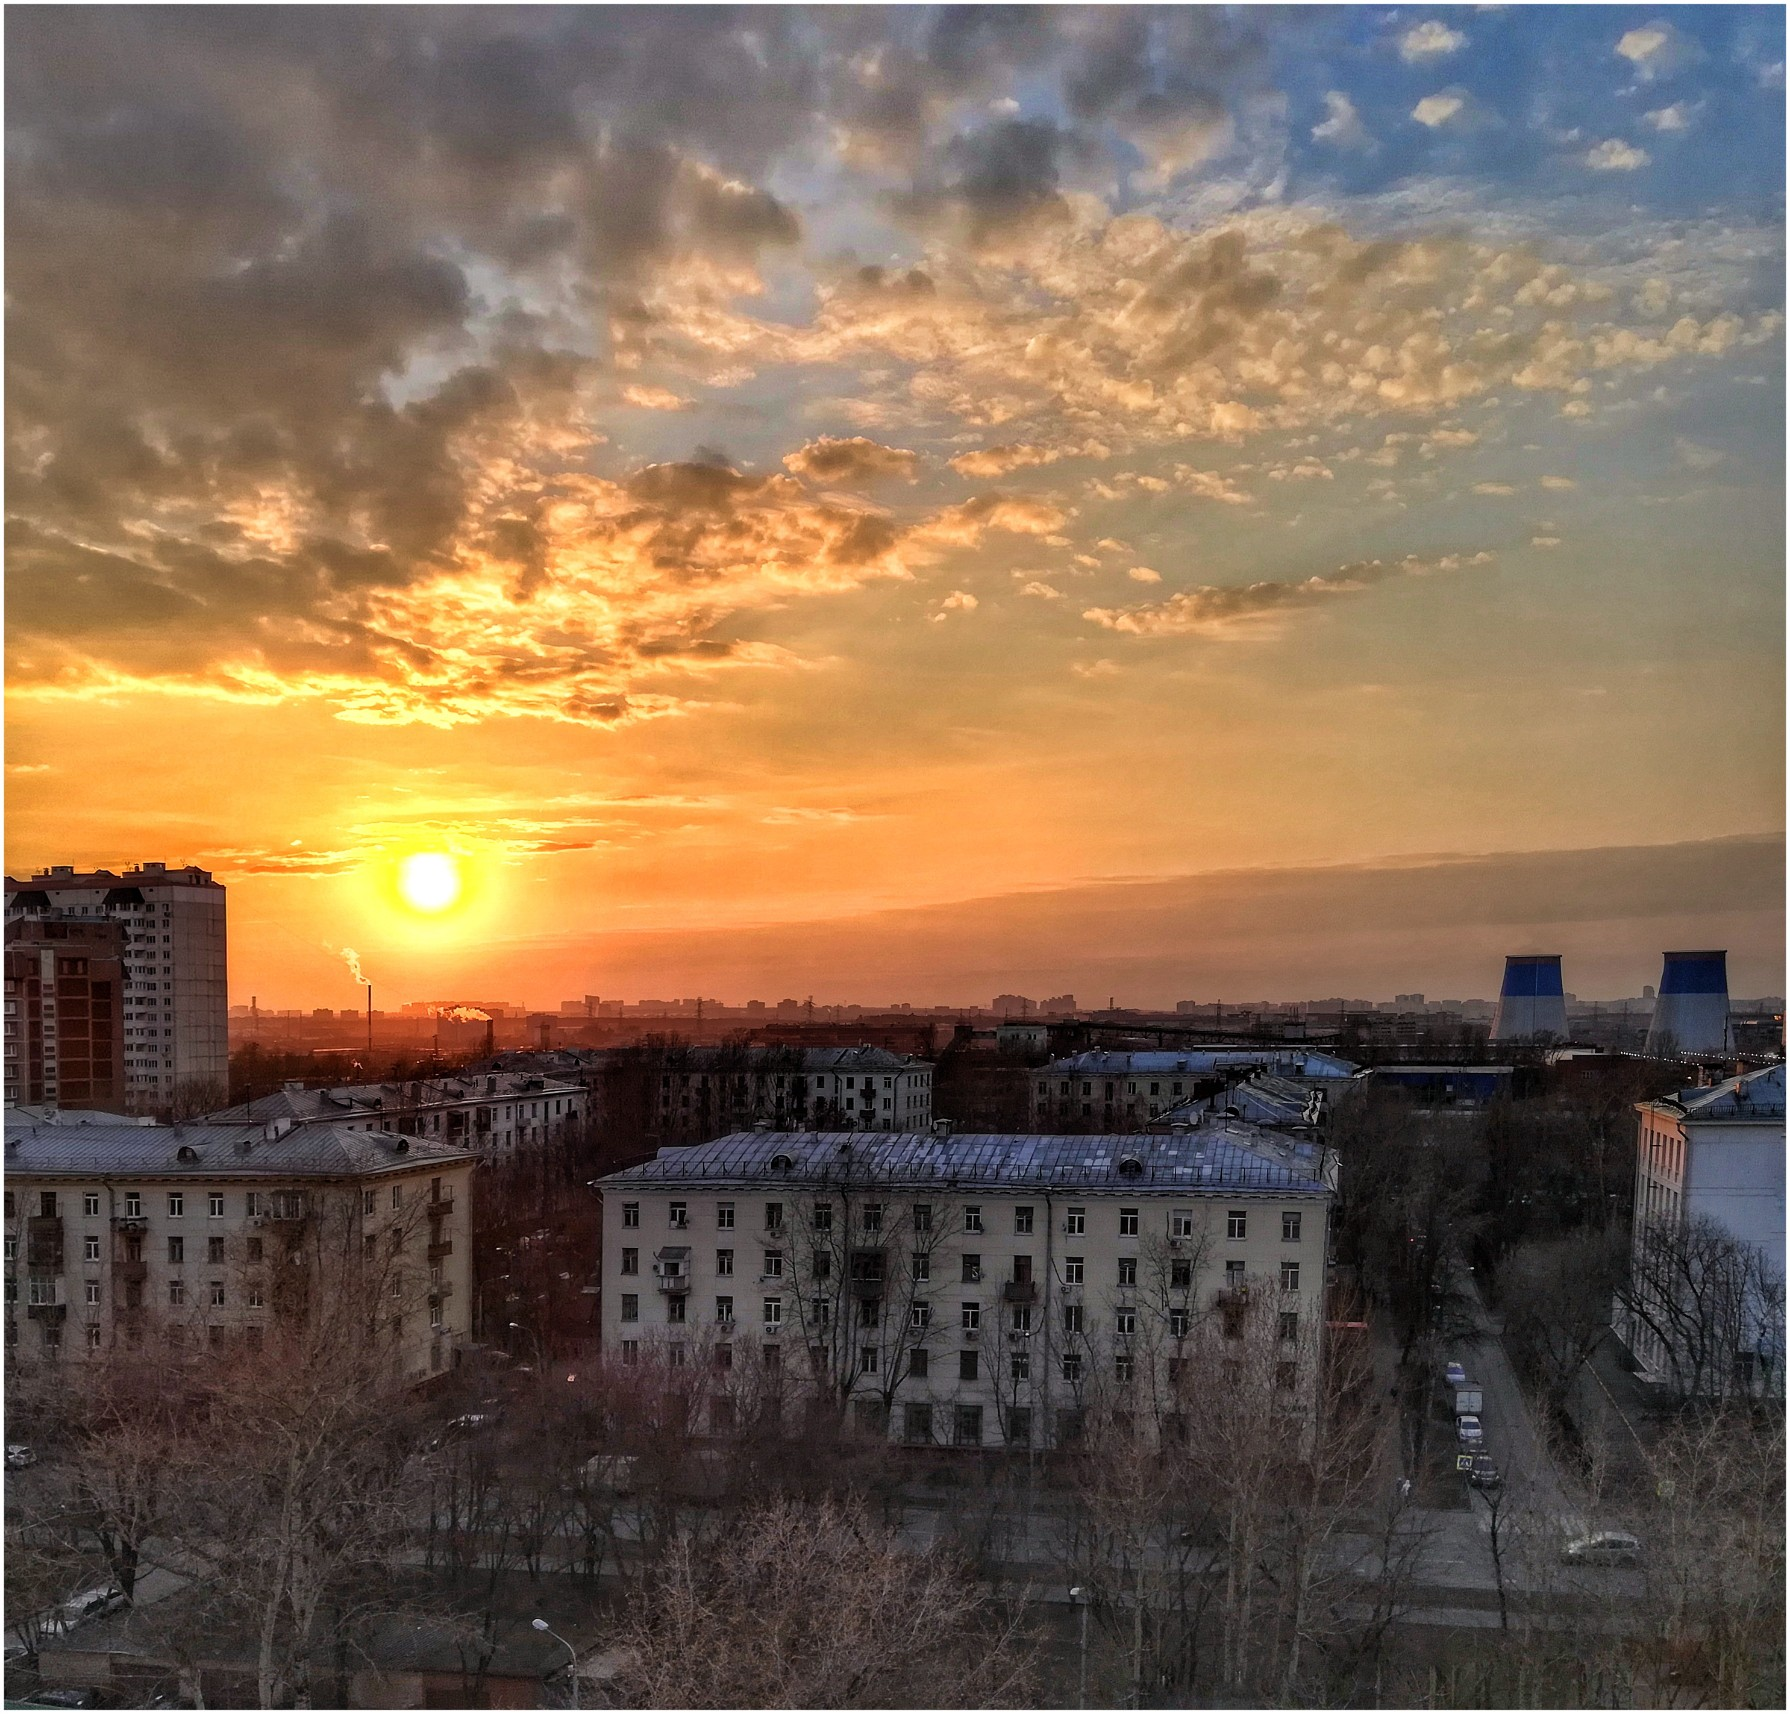 Апрельский закат. Евгений Горьков, 2019